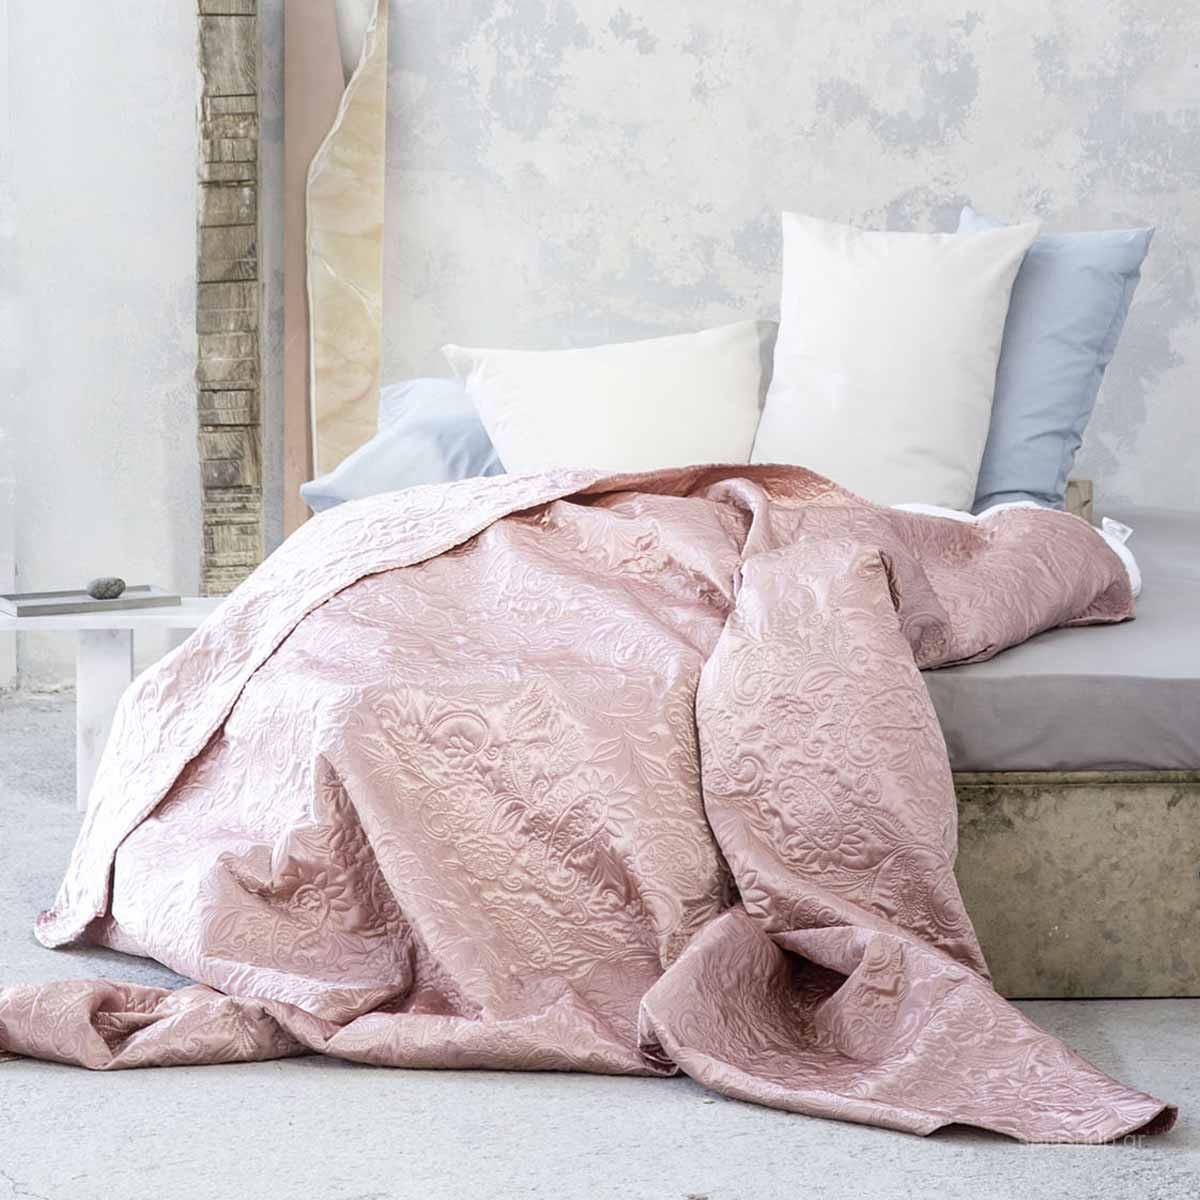 Κουβερλί Μονό Nima Layers Array home   κρεβατοκάμαρα   κουβερλί   κουβερλί μονά